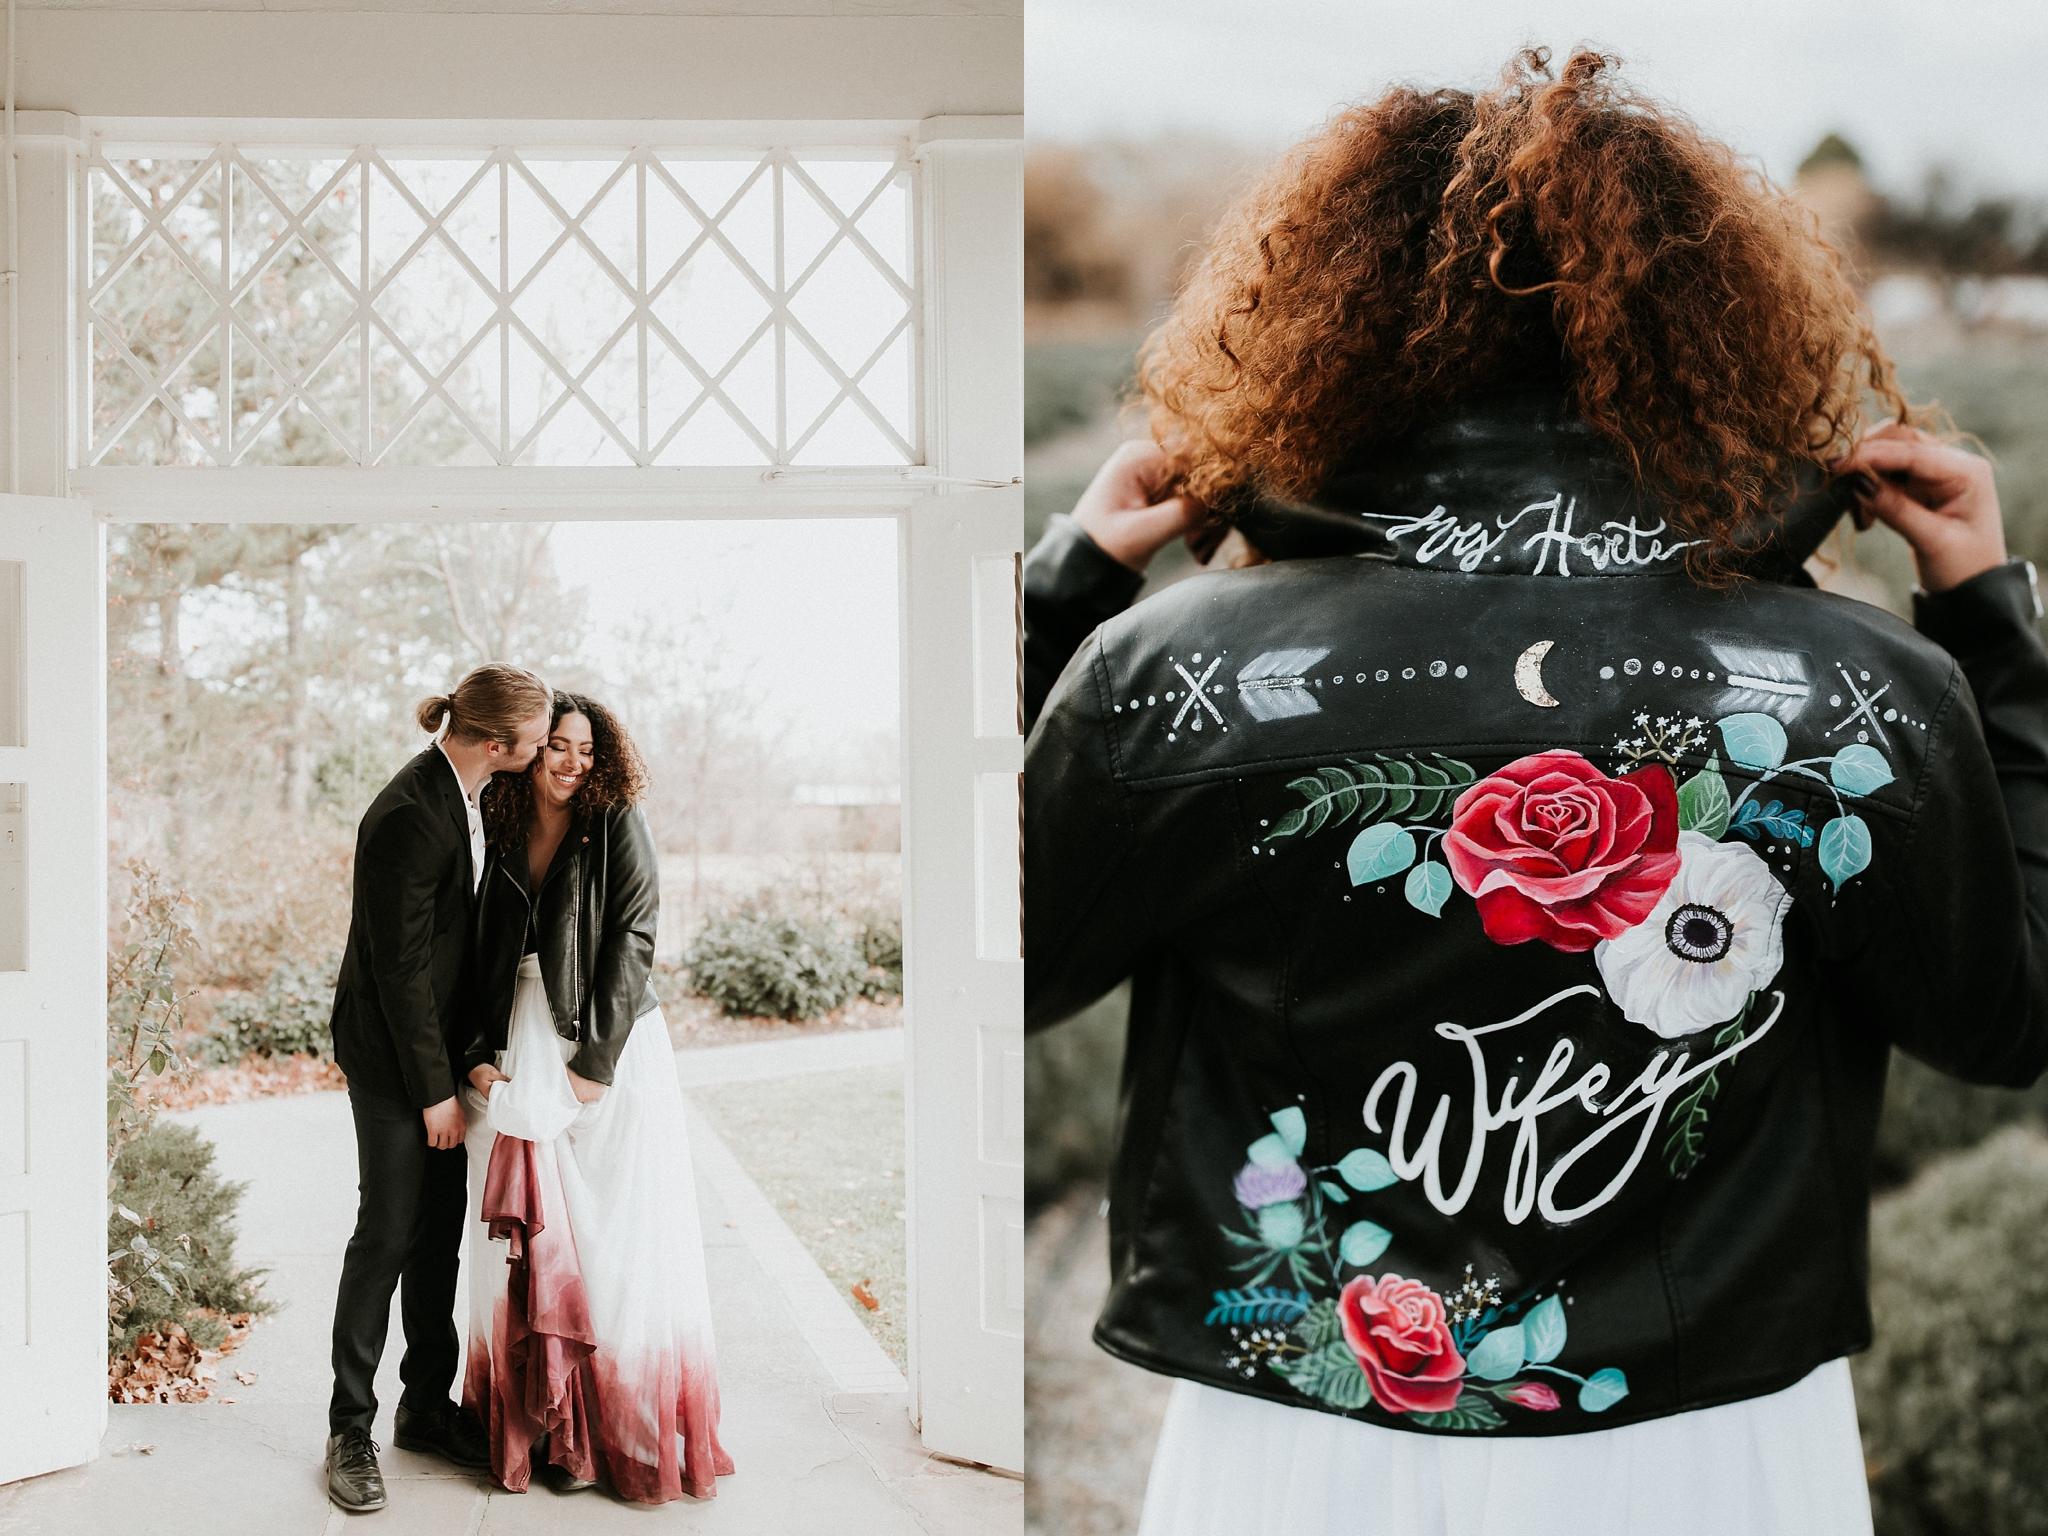 Alicia+lucia+photography+-+albuquerque+wedding+photographer+-+santa+fe+wedding+photography+-+new+mexico+wedding+photographer+-+albuquerque+wedding+-+santa+fe+wedding+-+wedding+gowns+-+non+traditional+wedding+gowns_0021.jpg